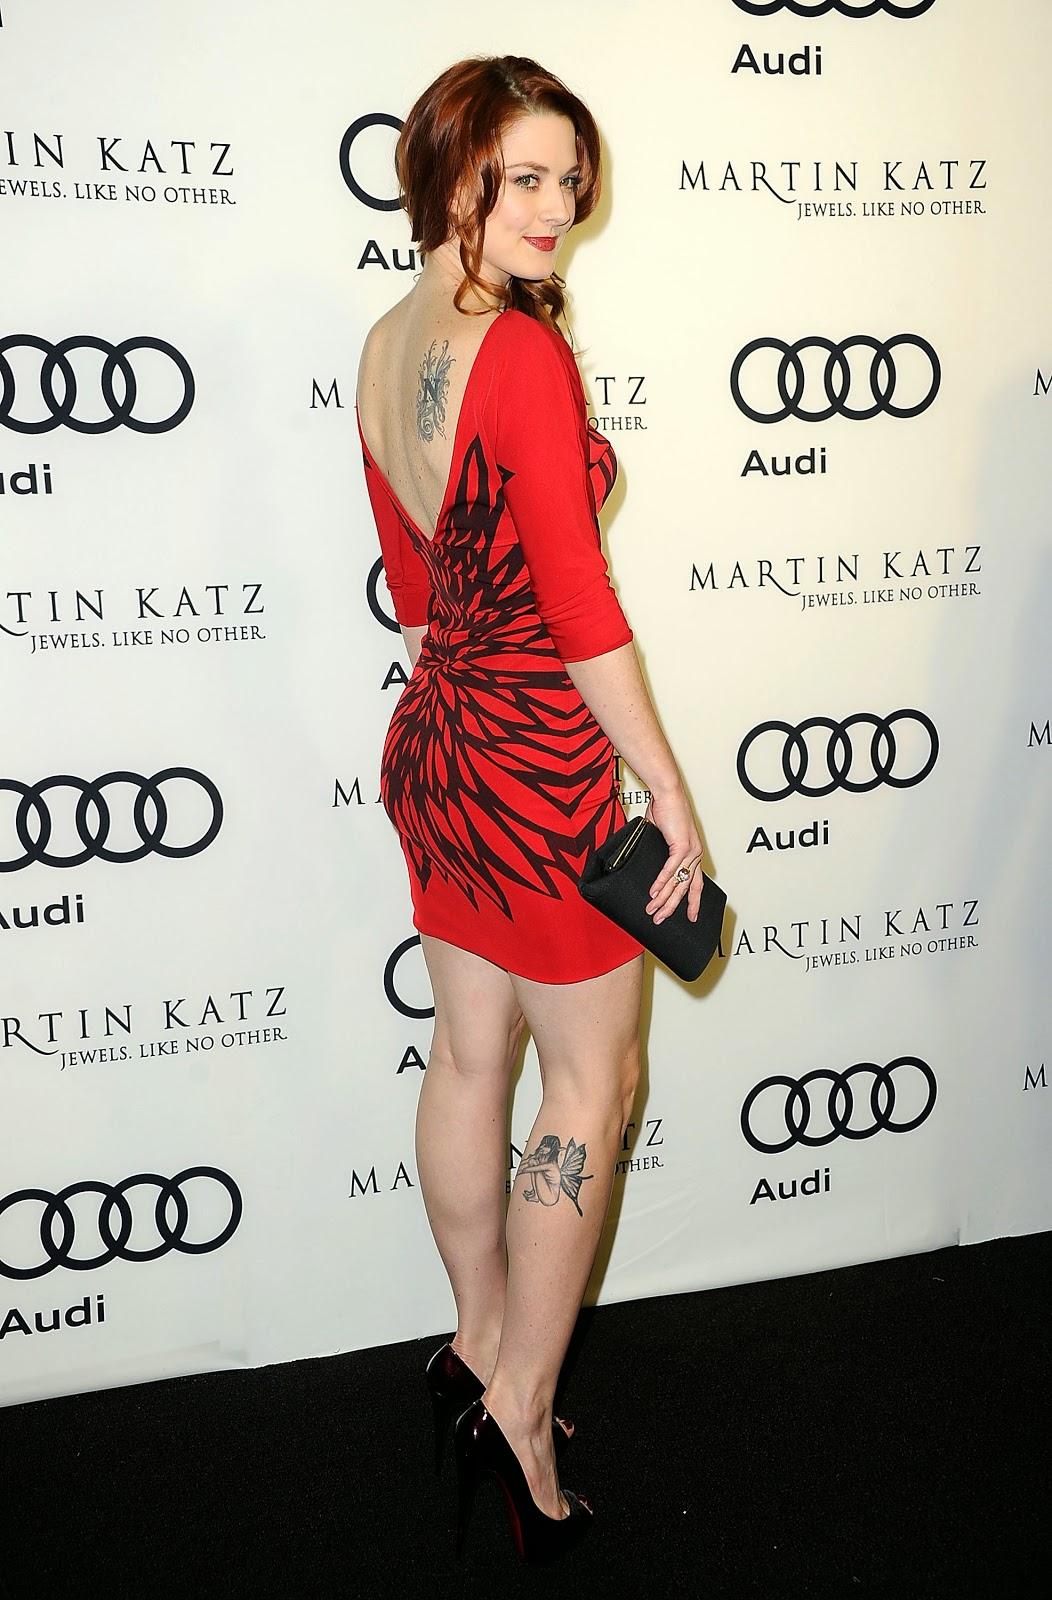 HD Photos of Alexandra Breckenridge Golden Globe Awards Party